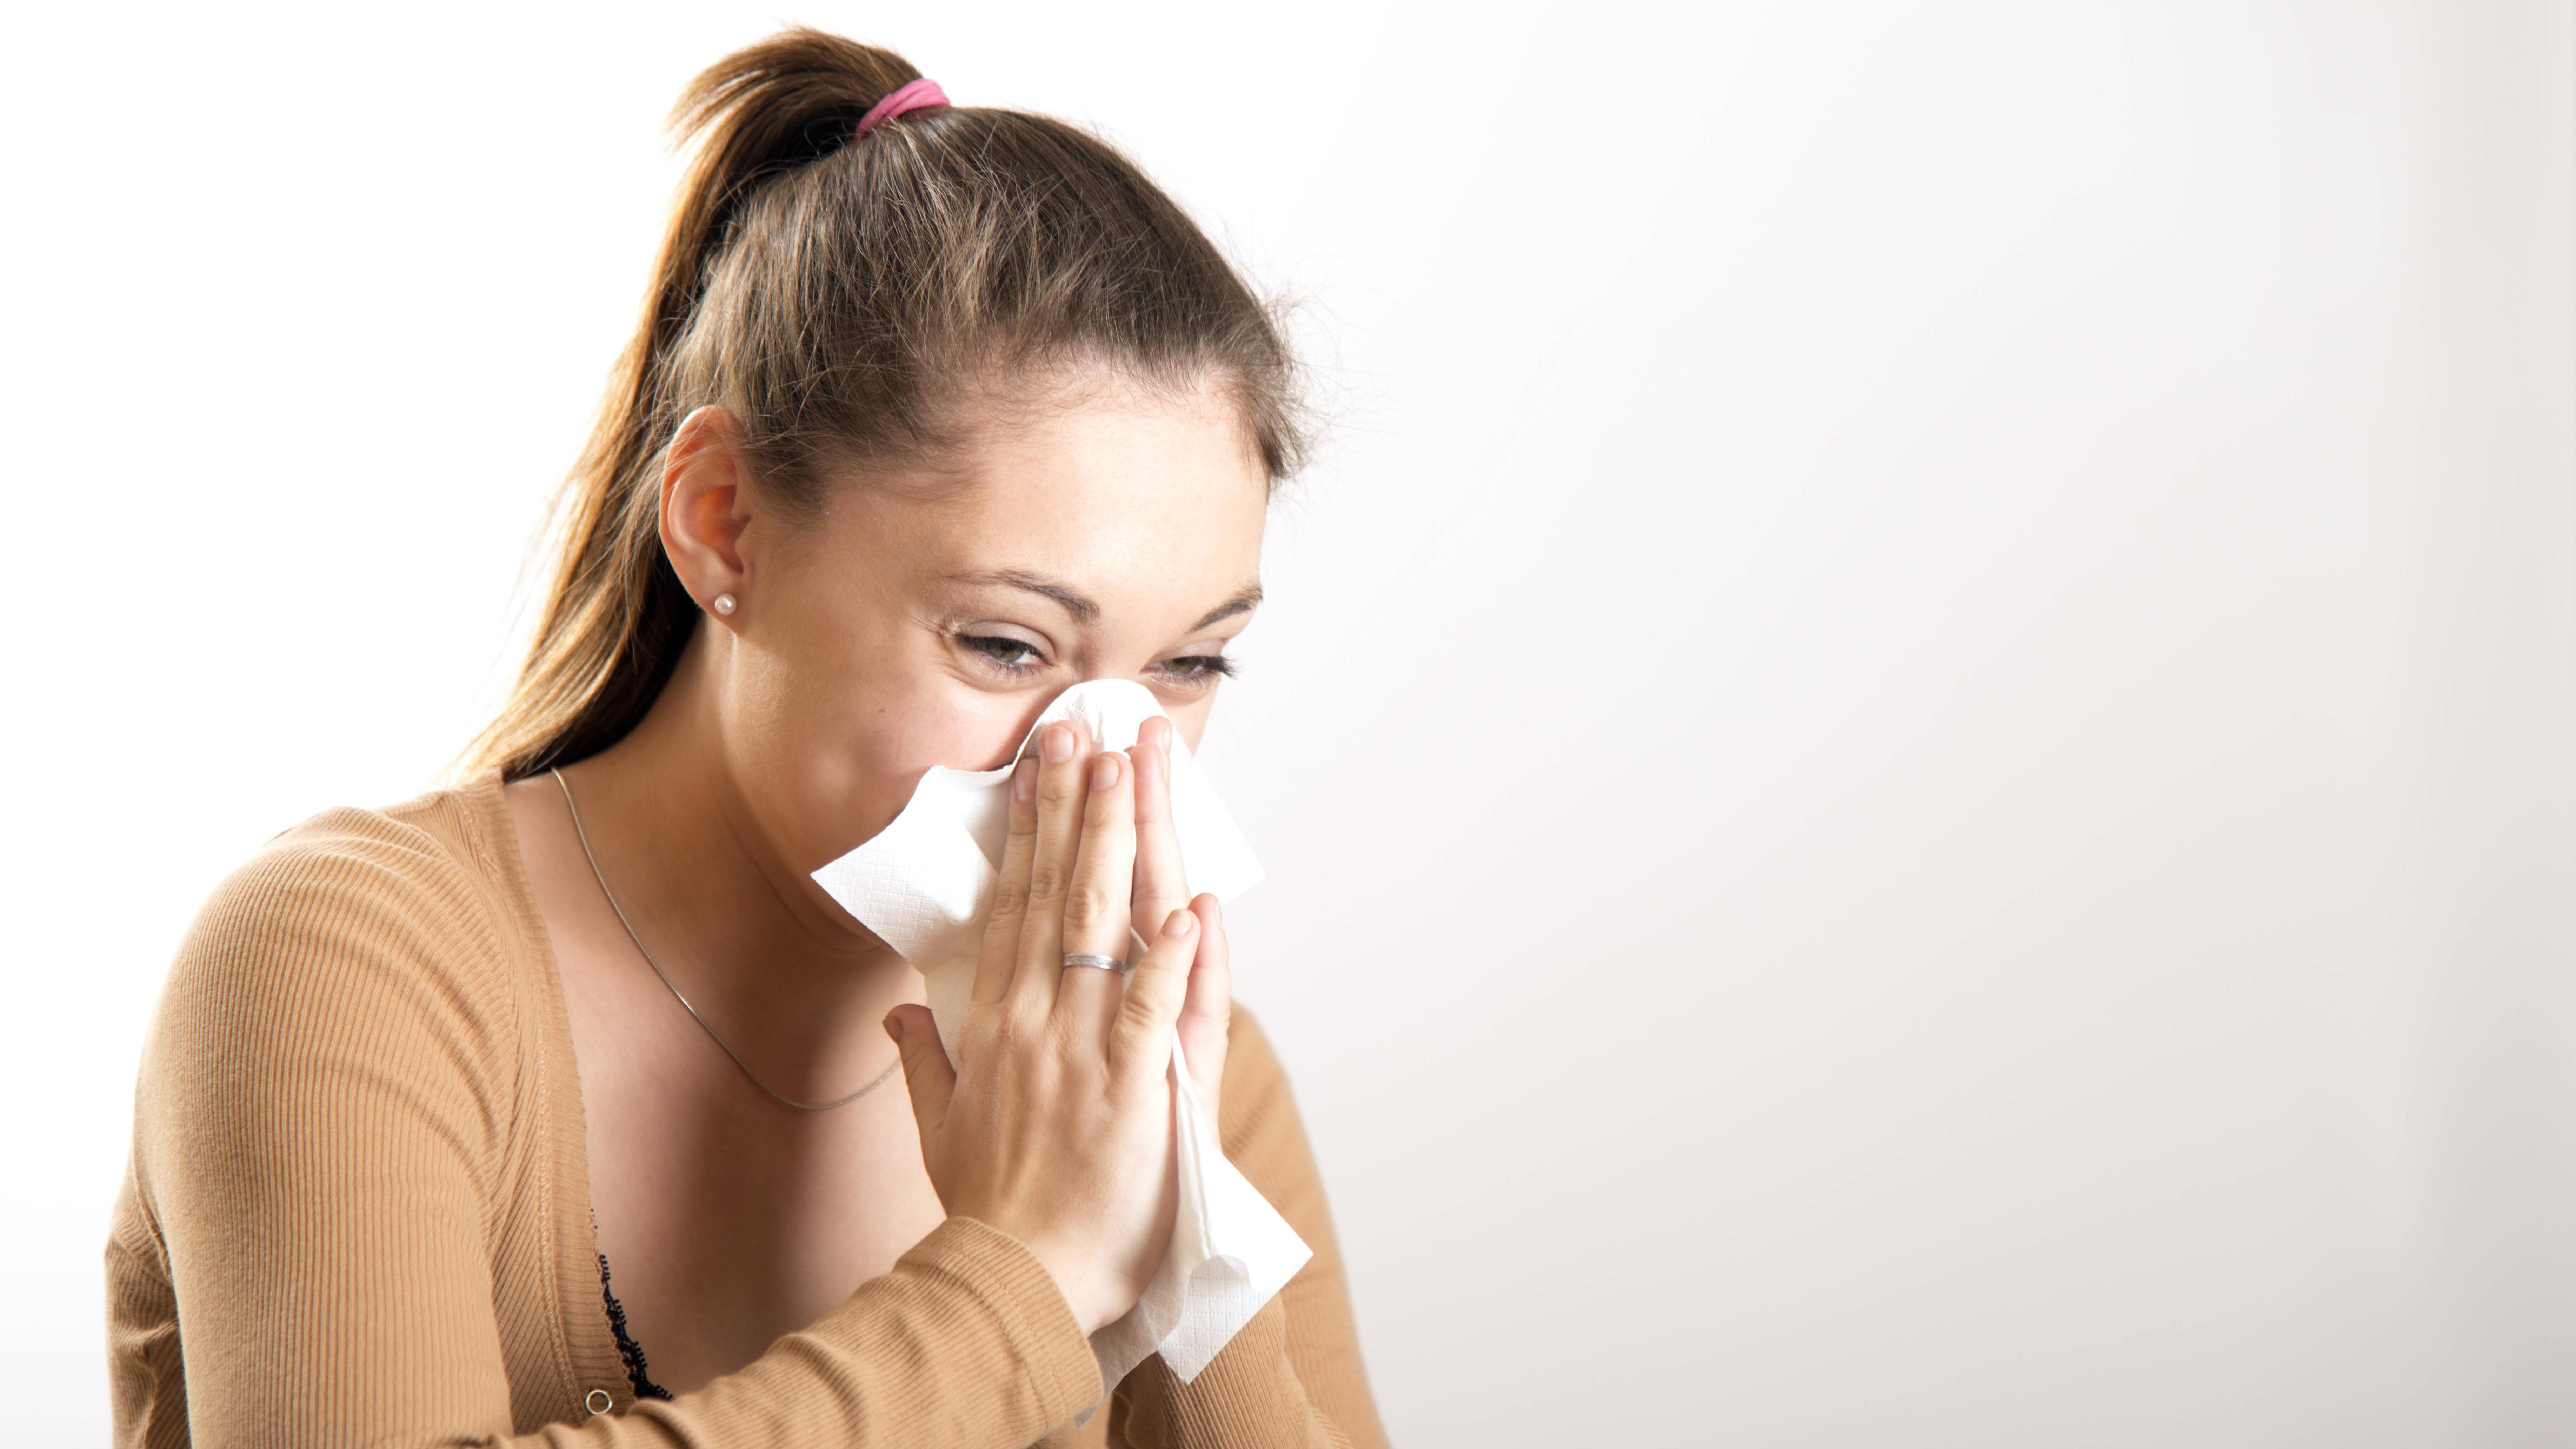 Gegen Flüssigkeit im Ohr hilft ein simples Hausmittel: das Nase putzen.